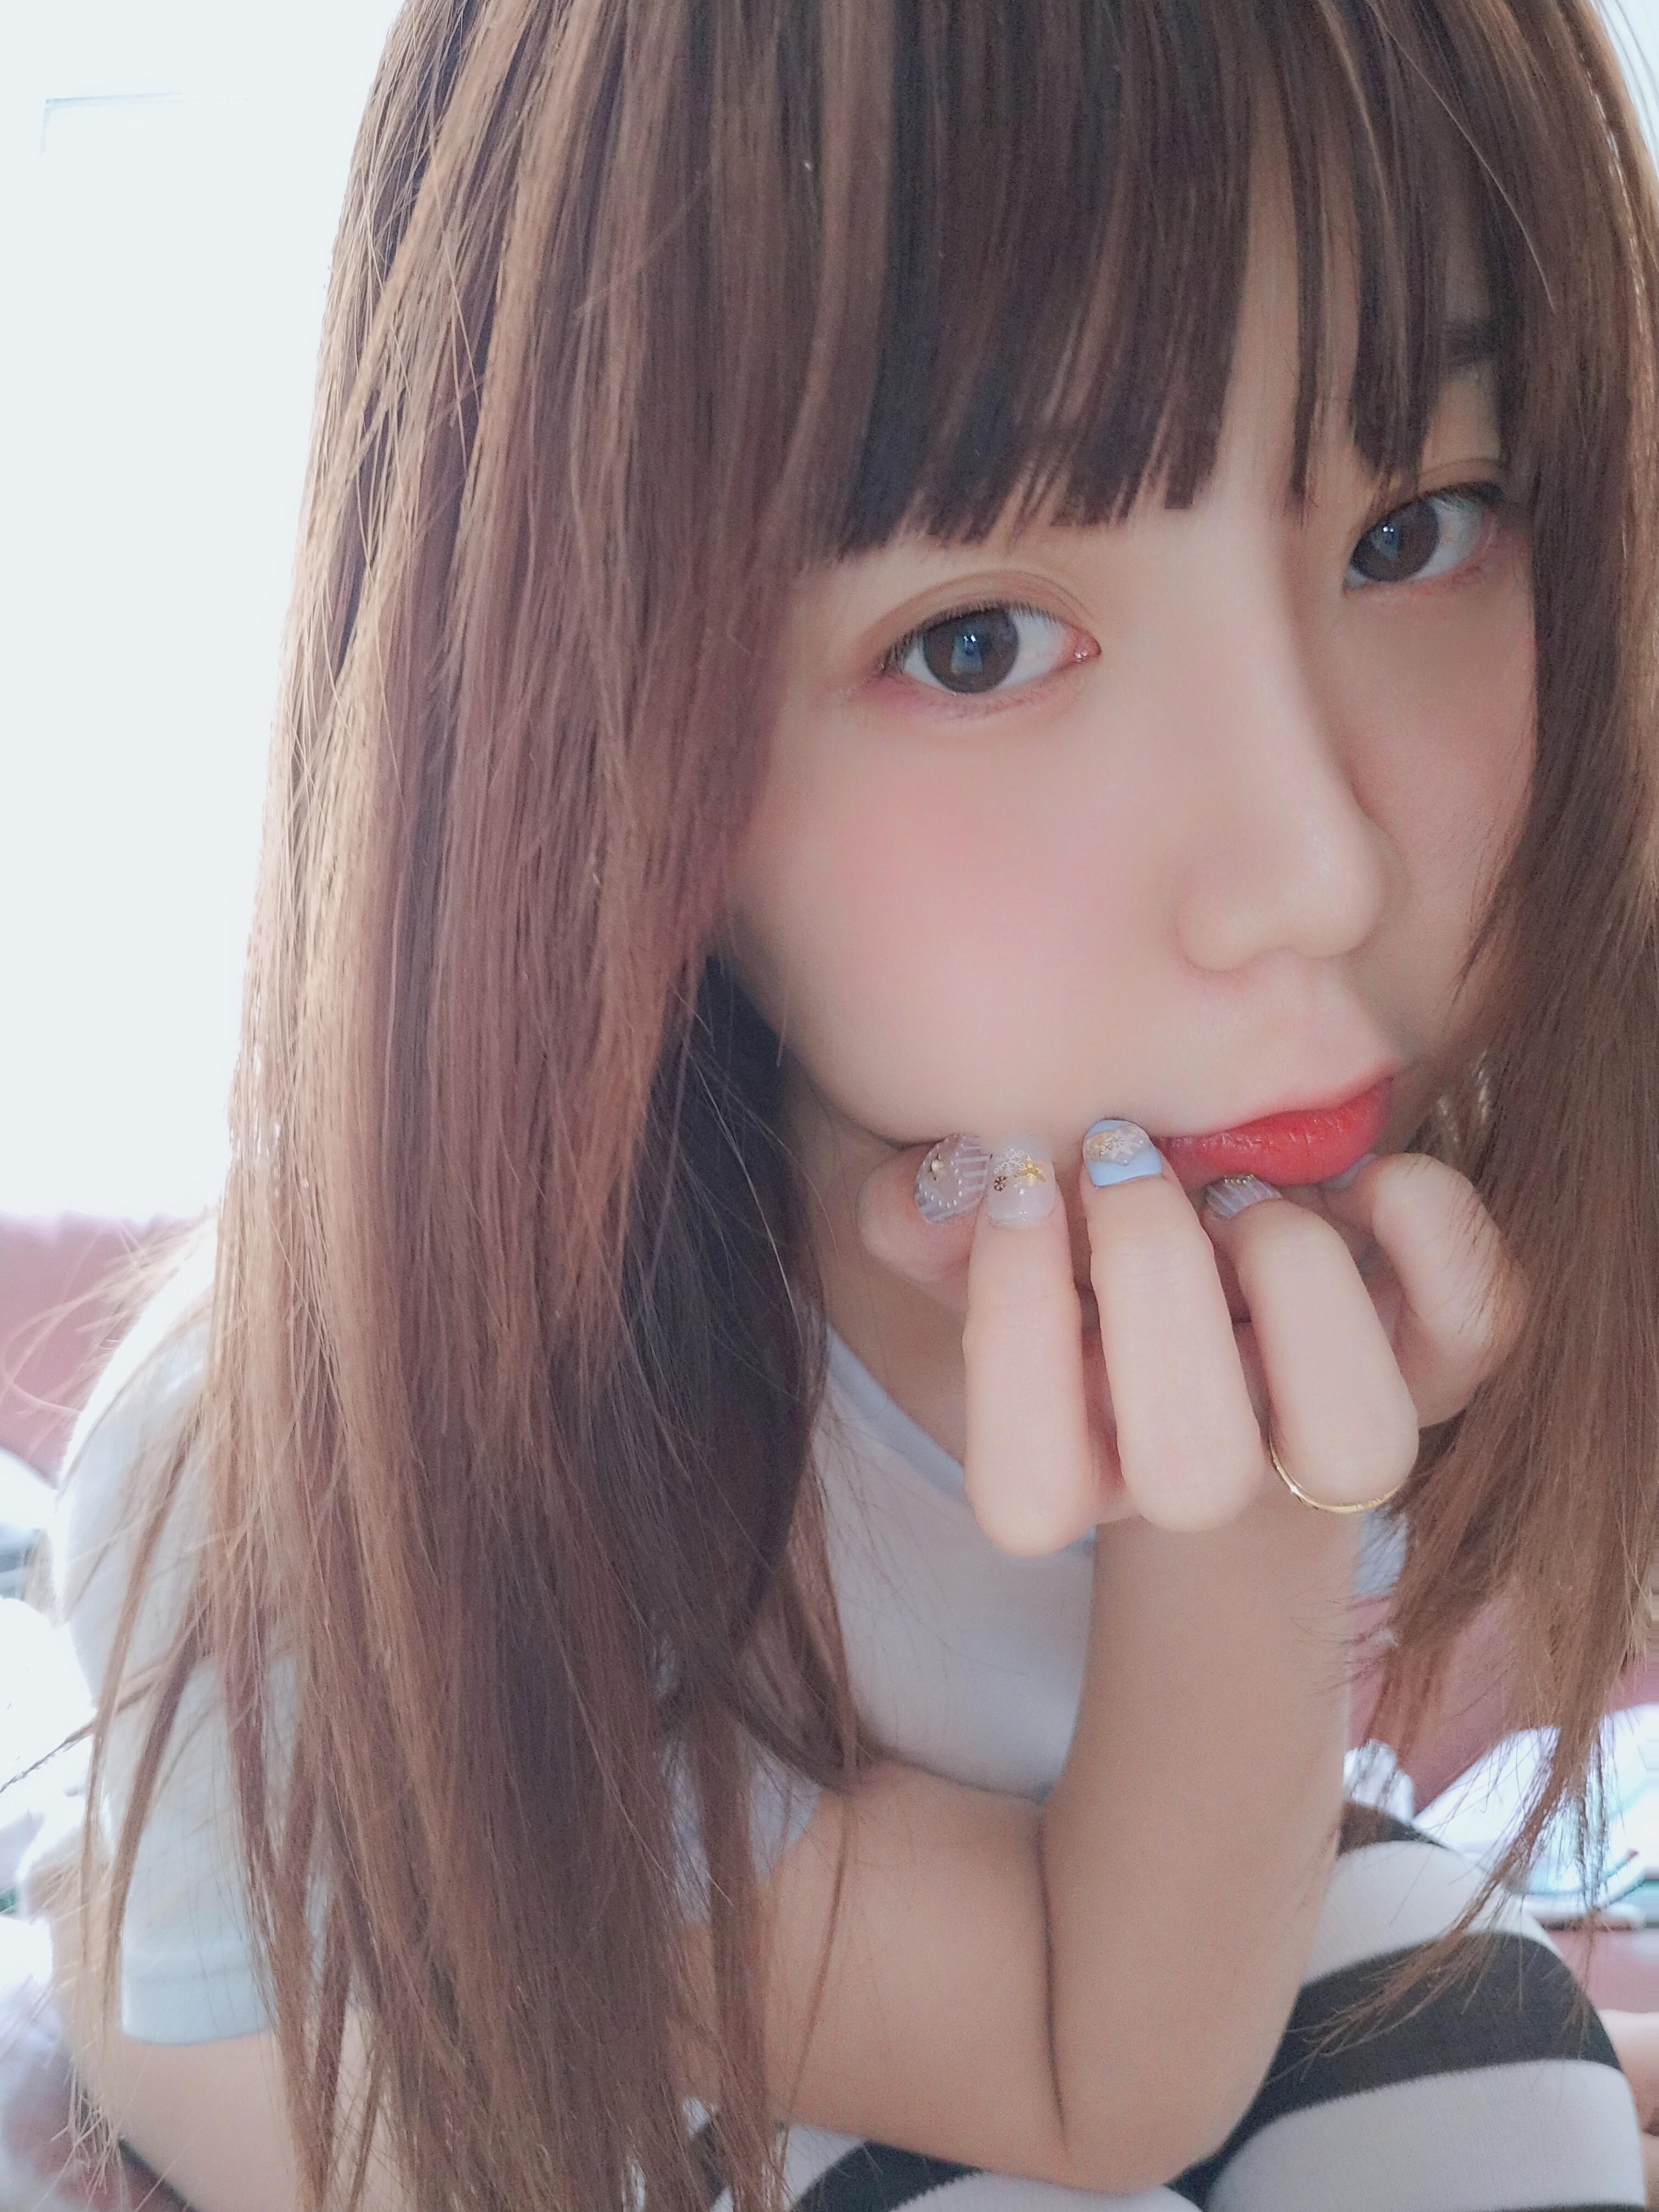 [摇摇乐 yoyo] NO.008 小清新[43P-218MB]